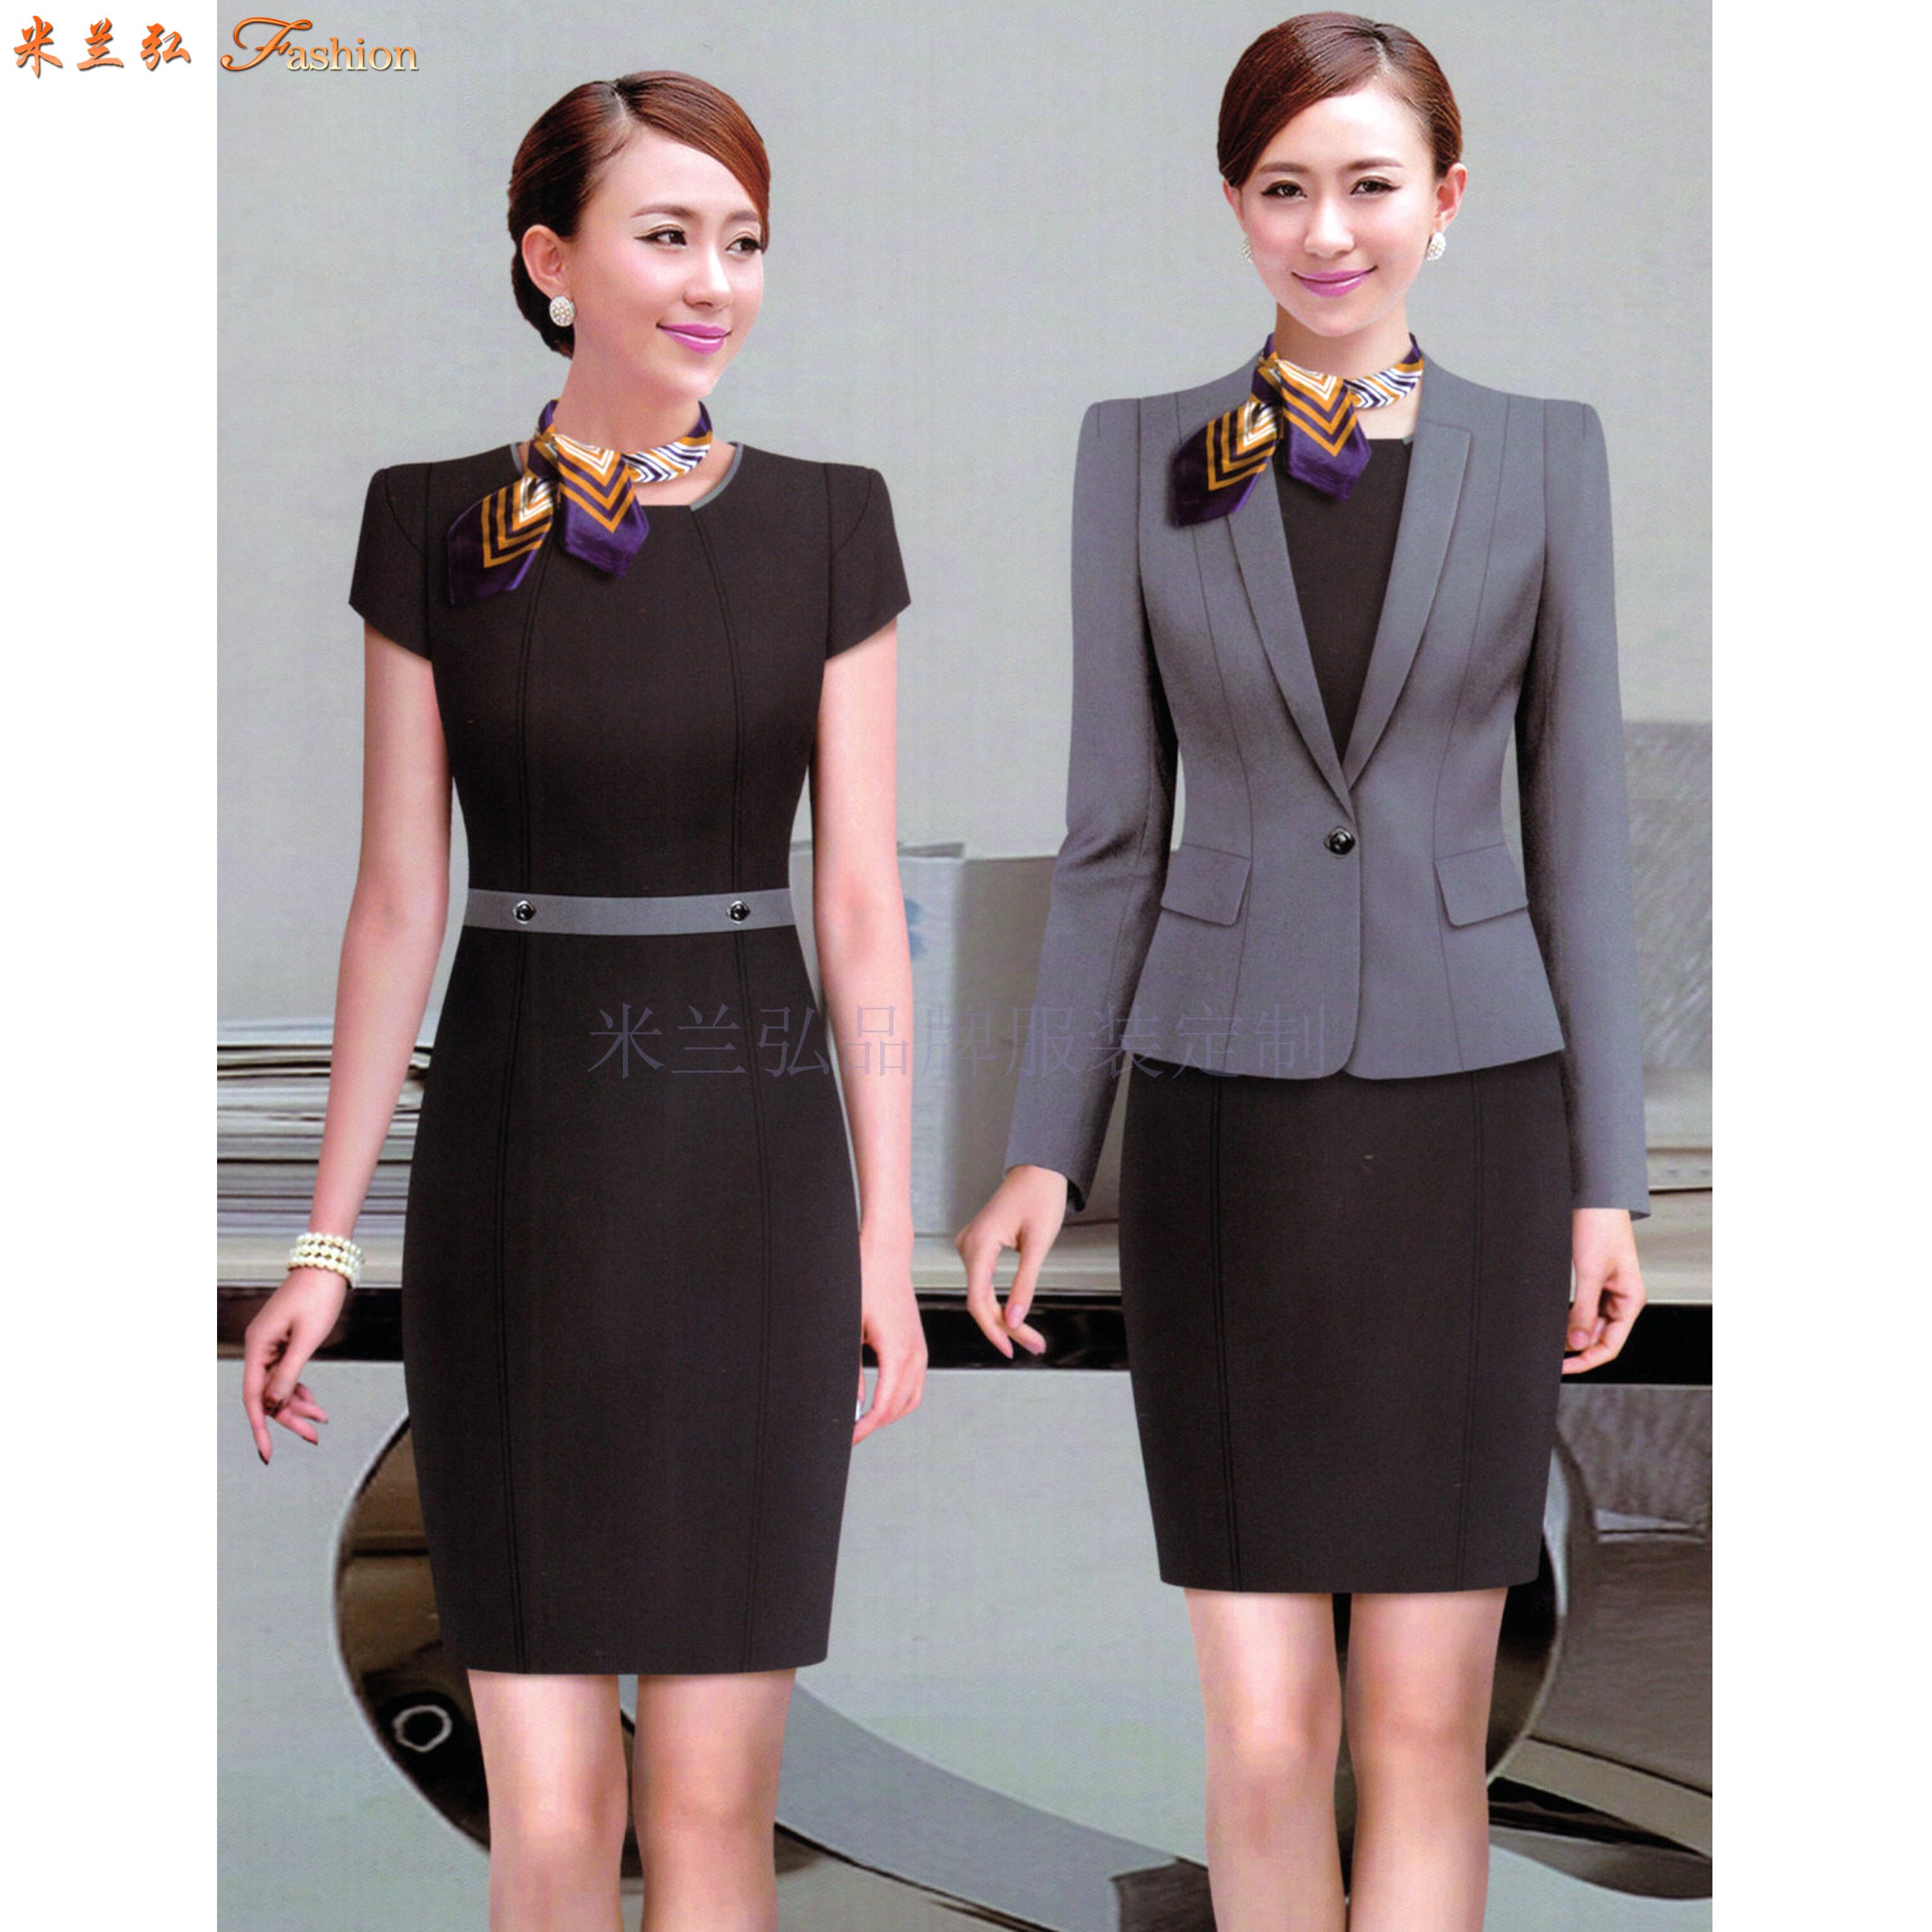 「女式西服職業裝」連衣職業裝套裙-米蘭弘服裝廠家-4